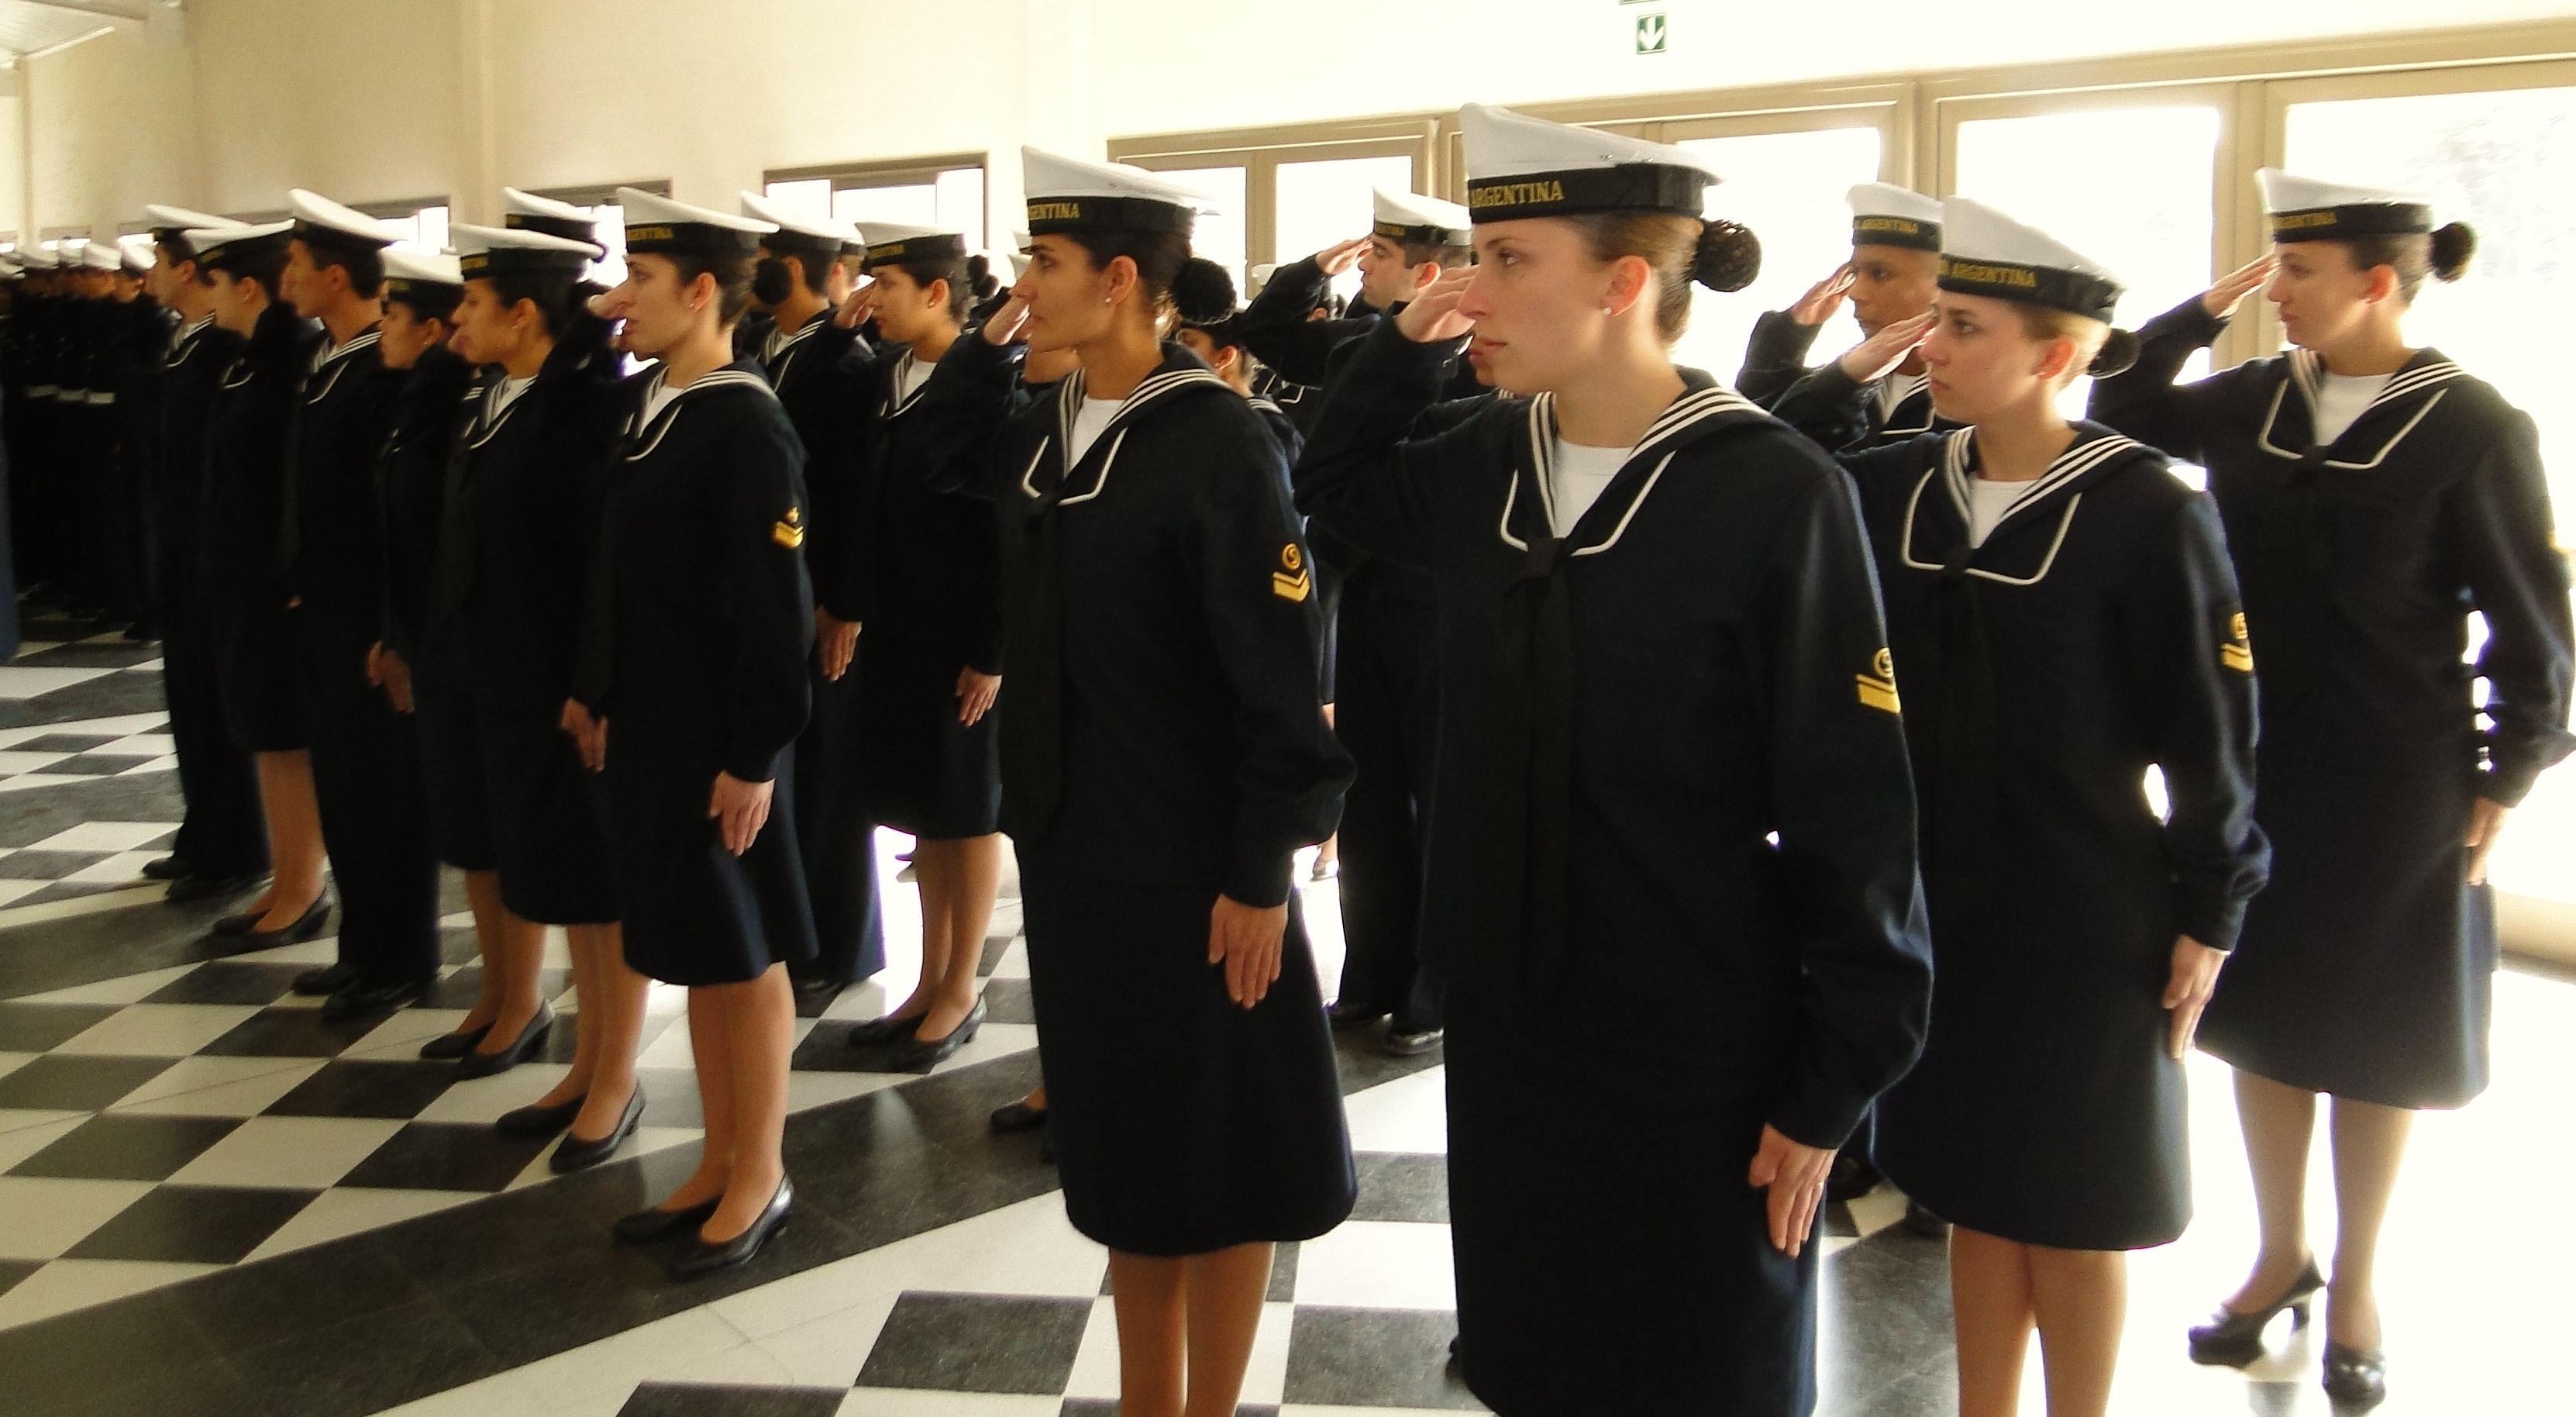 Acoso en la Armada: denunció a un superior y le dijeron que iba muy escotada